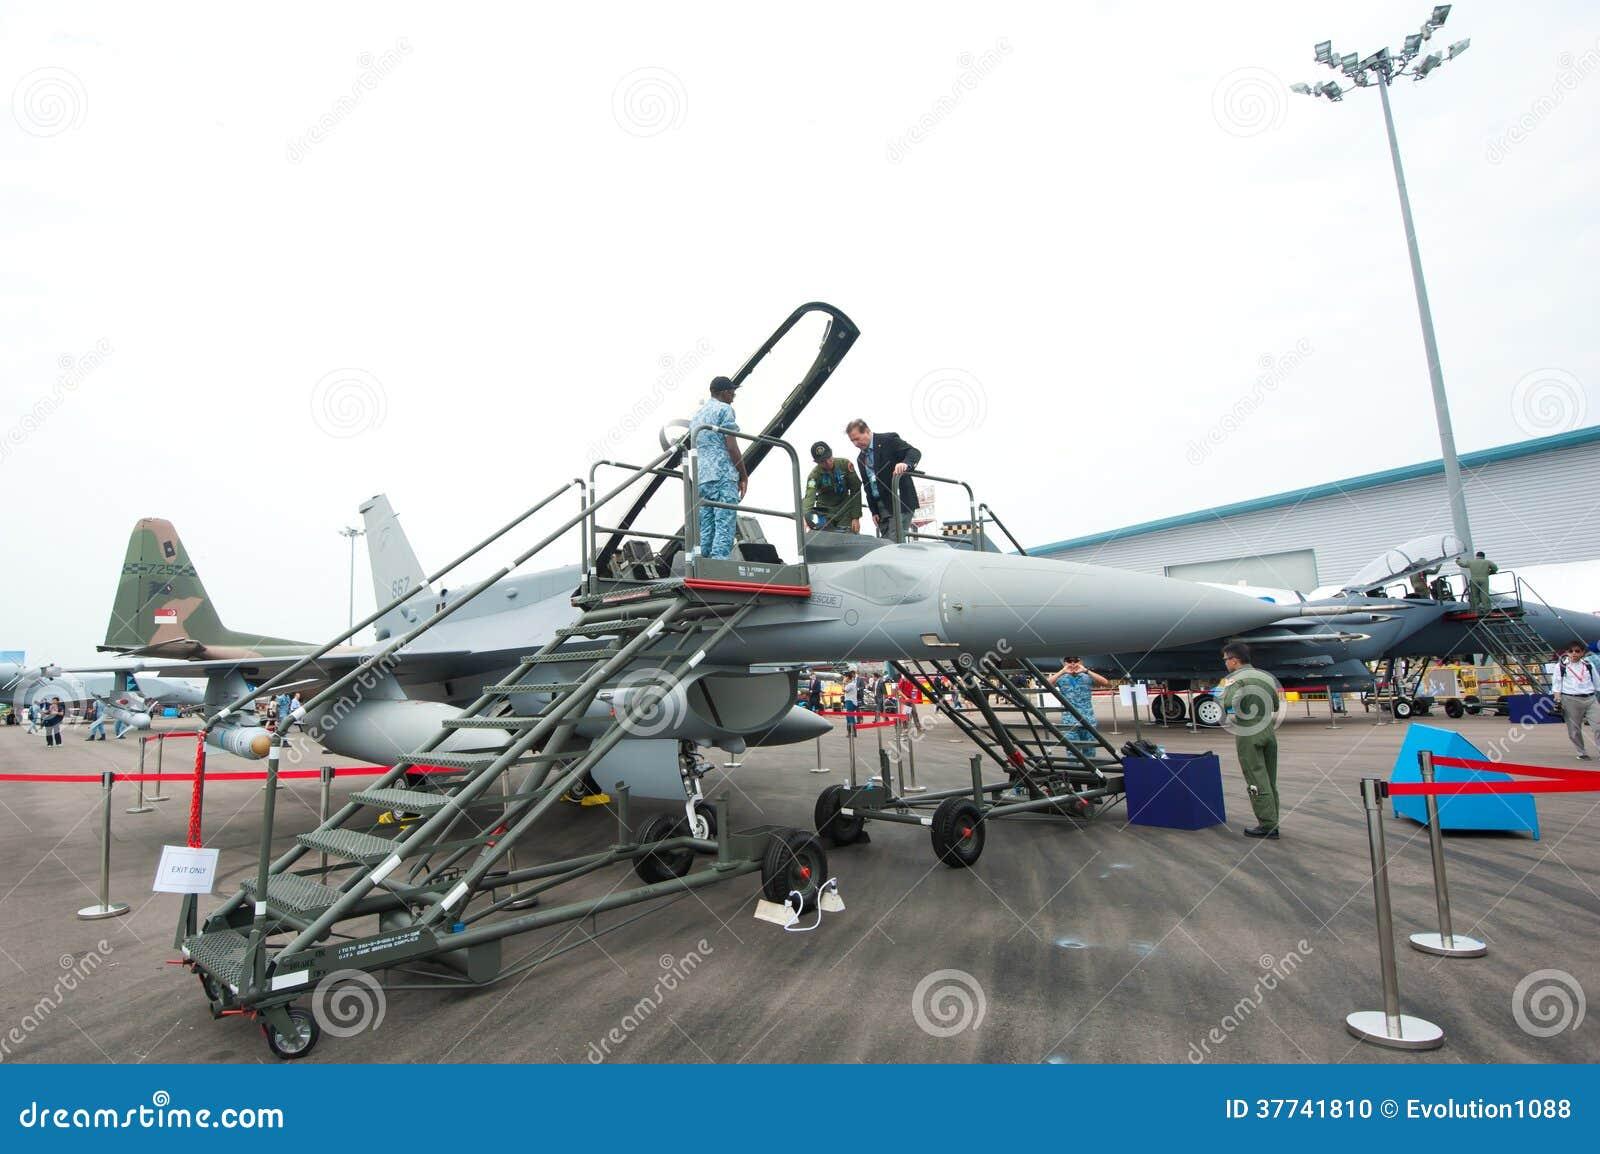 Elicottero Falco : Ospiti che provano un aereo da caccia a singapore airshow